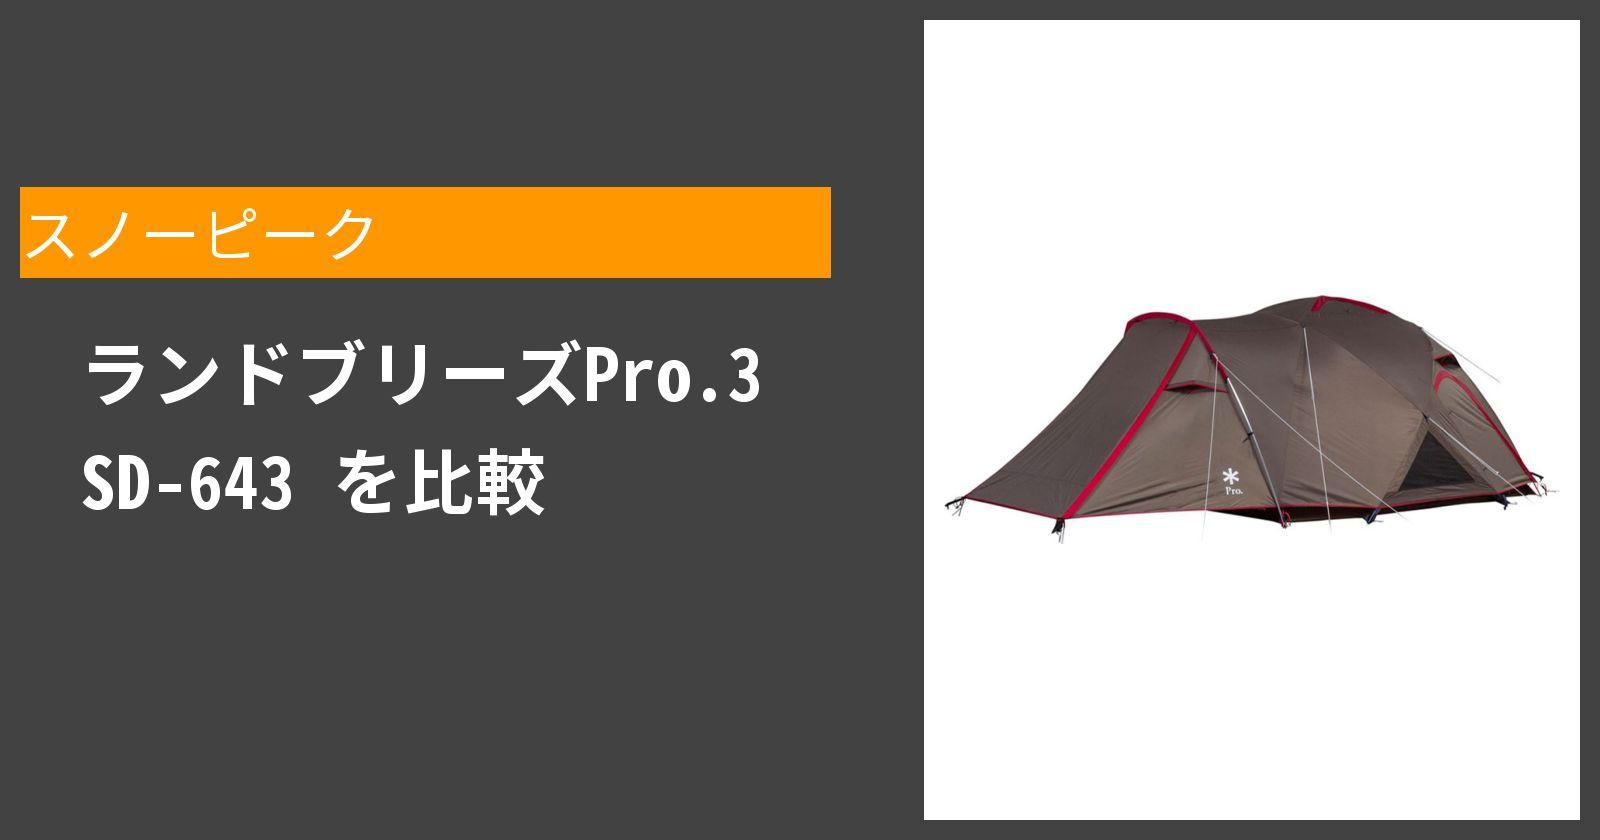 ランドブリーズPro.3 SD-643を徹底評価